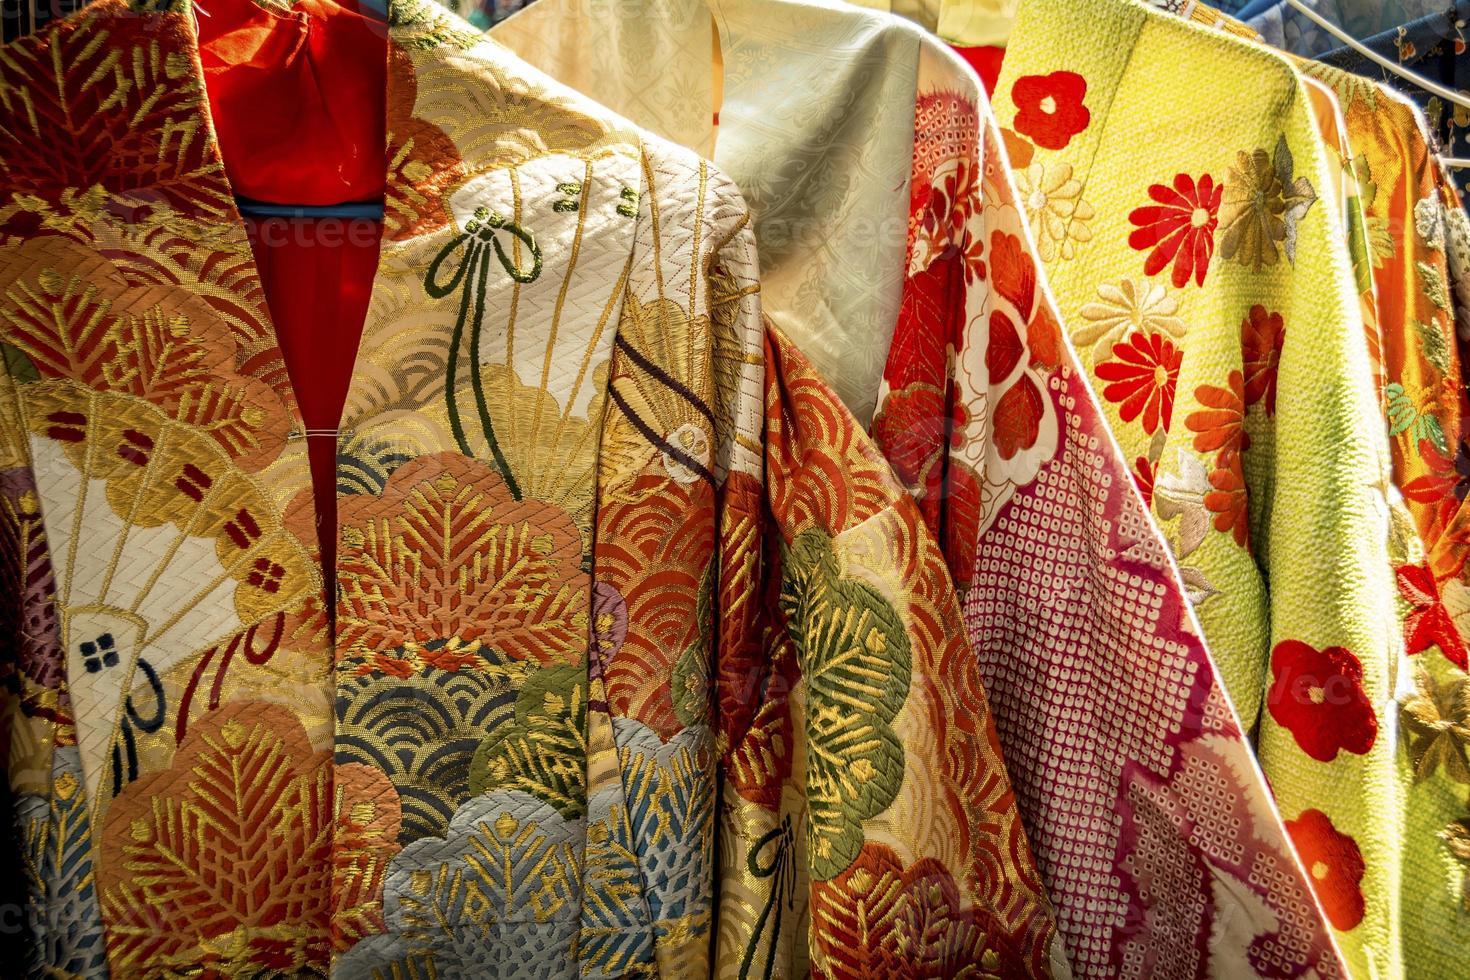 traditionelle japanische Kleidung foto